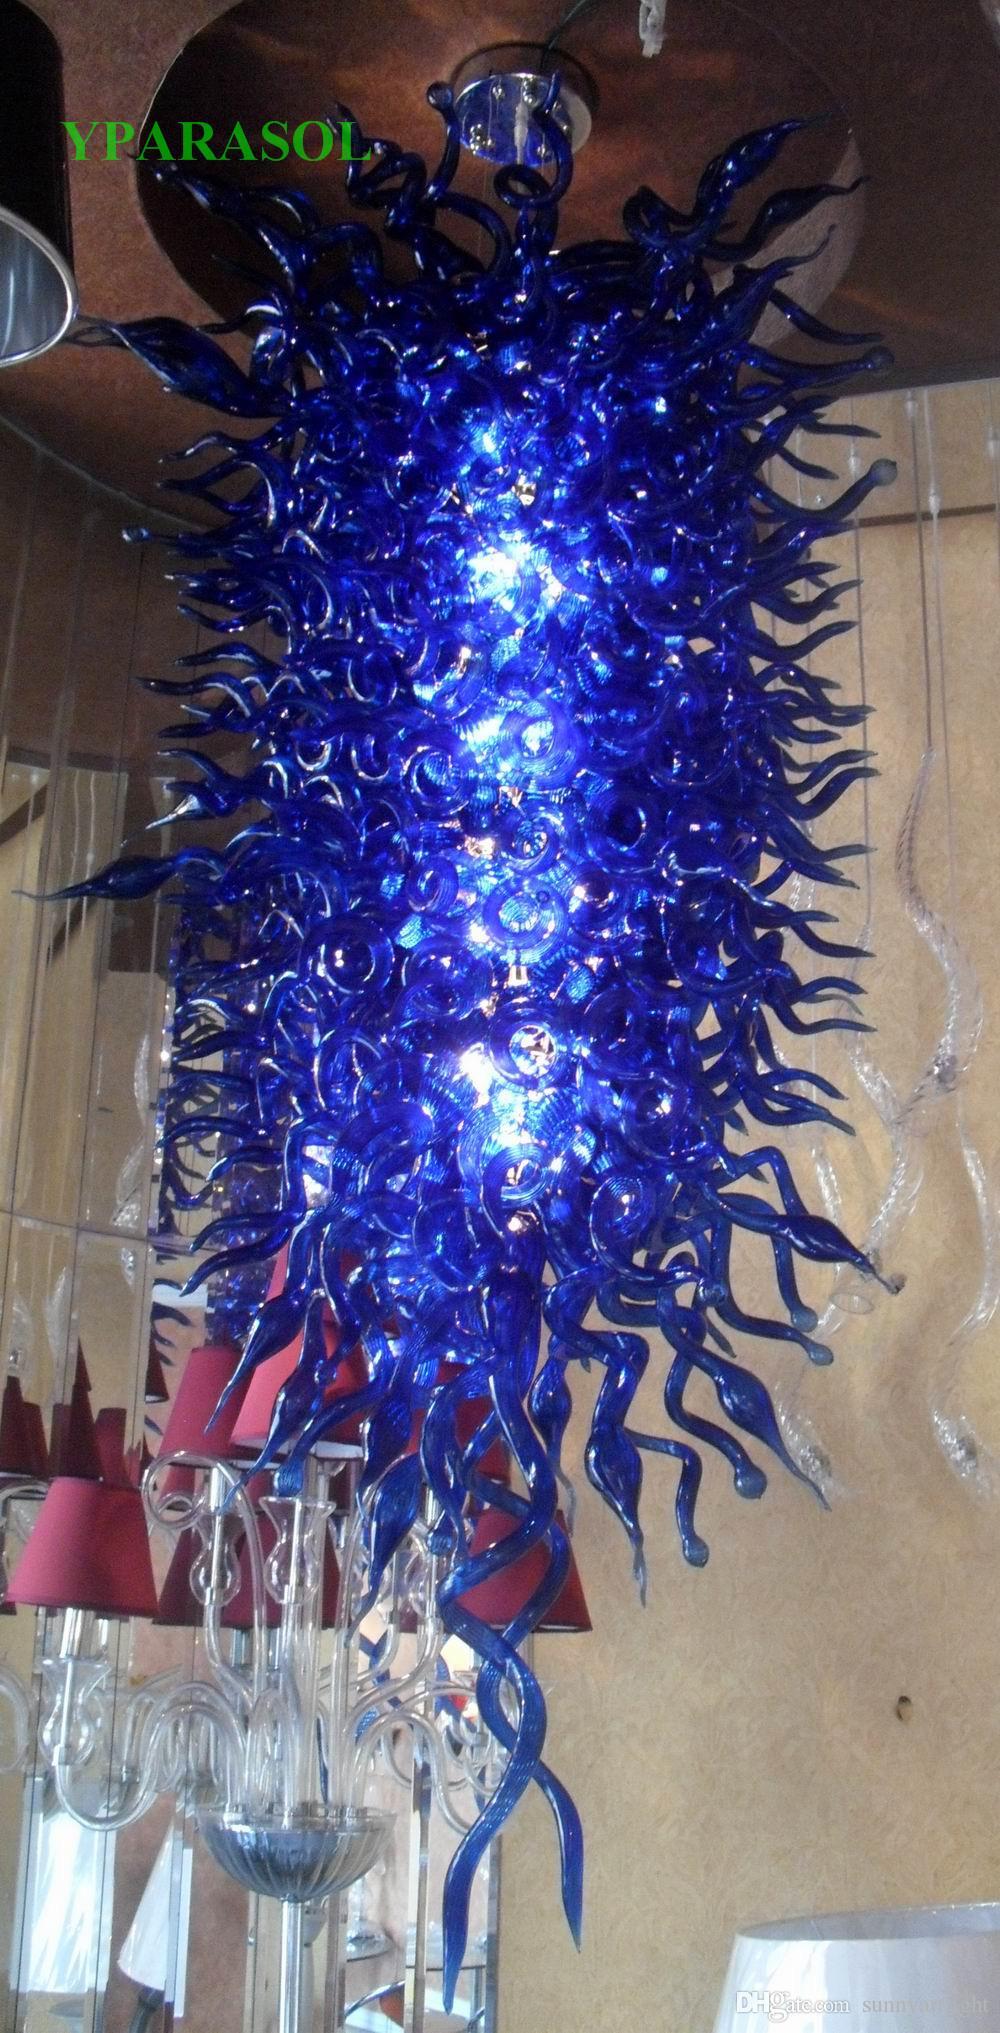 Livraison gratuite 100% borosilicate soufflé bouche Décor moderne LED éclairage de la salle Lumière Dale Chihuly style en verre de Murano Lustre en cristal